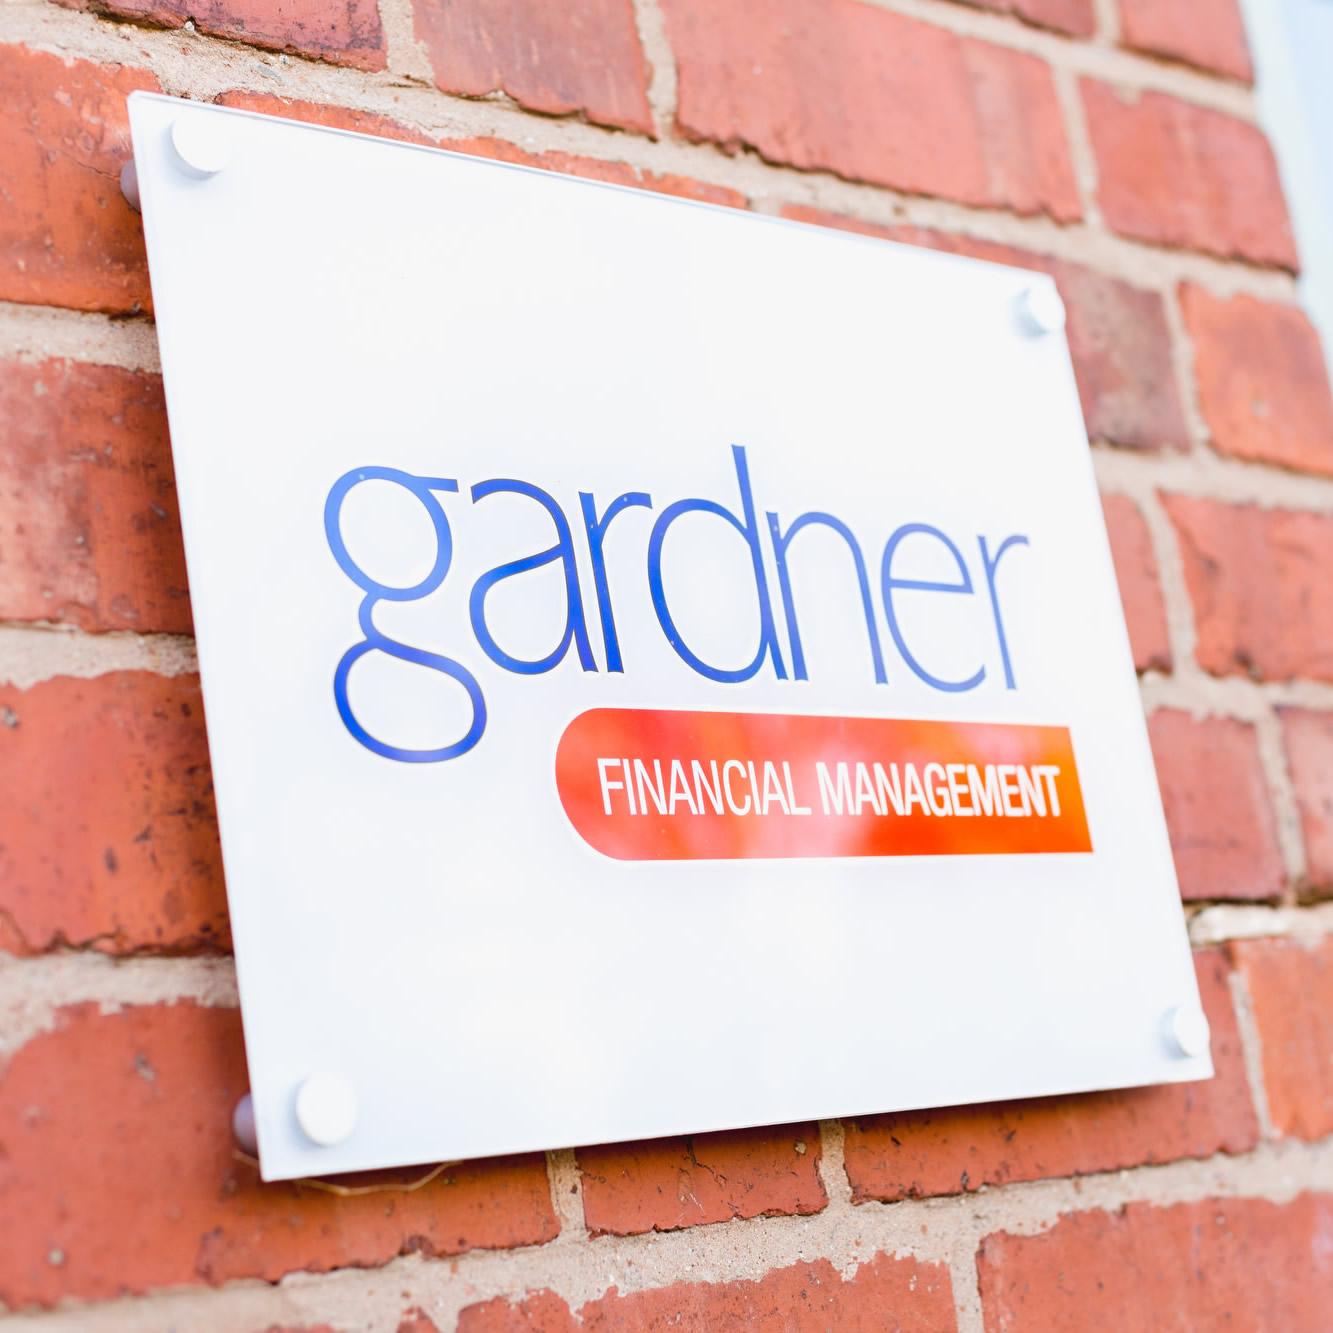 gardner-pic